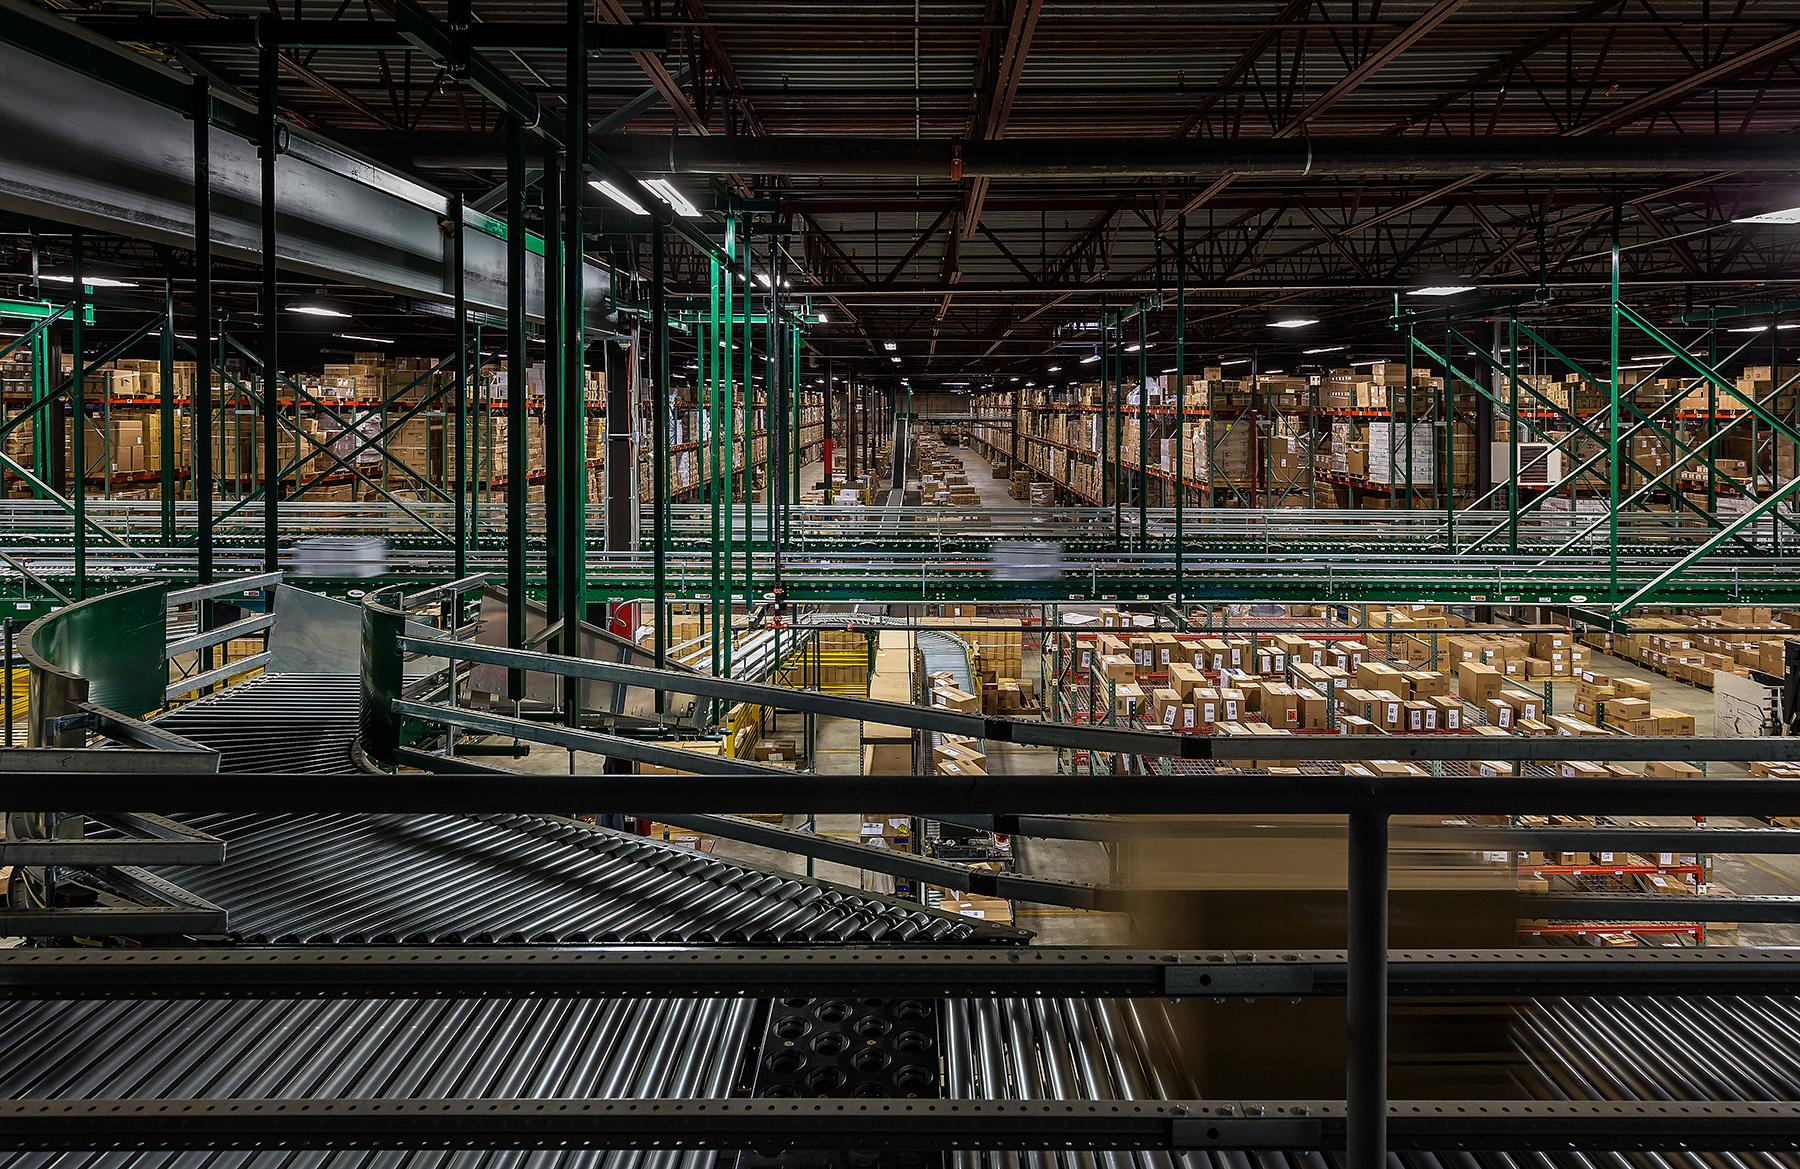 Magid-Glove-Romeoville-Illinois-Conveyor